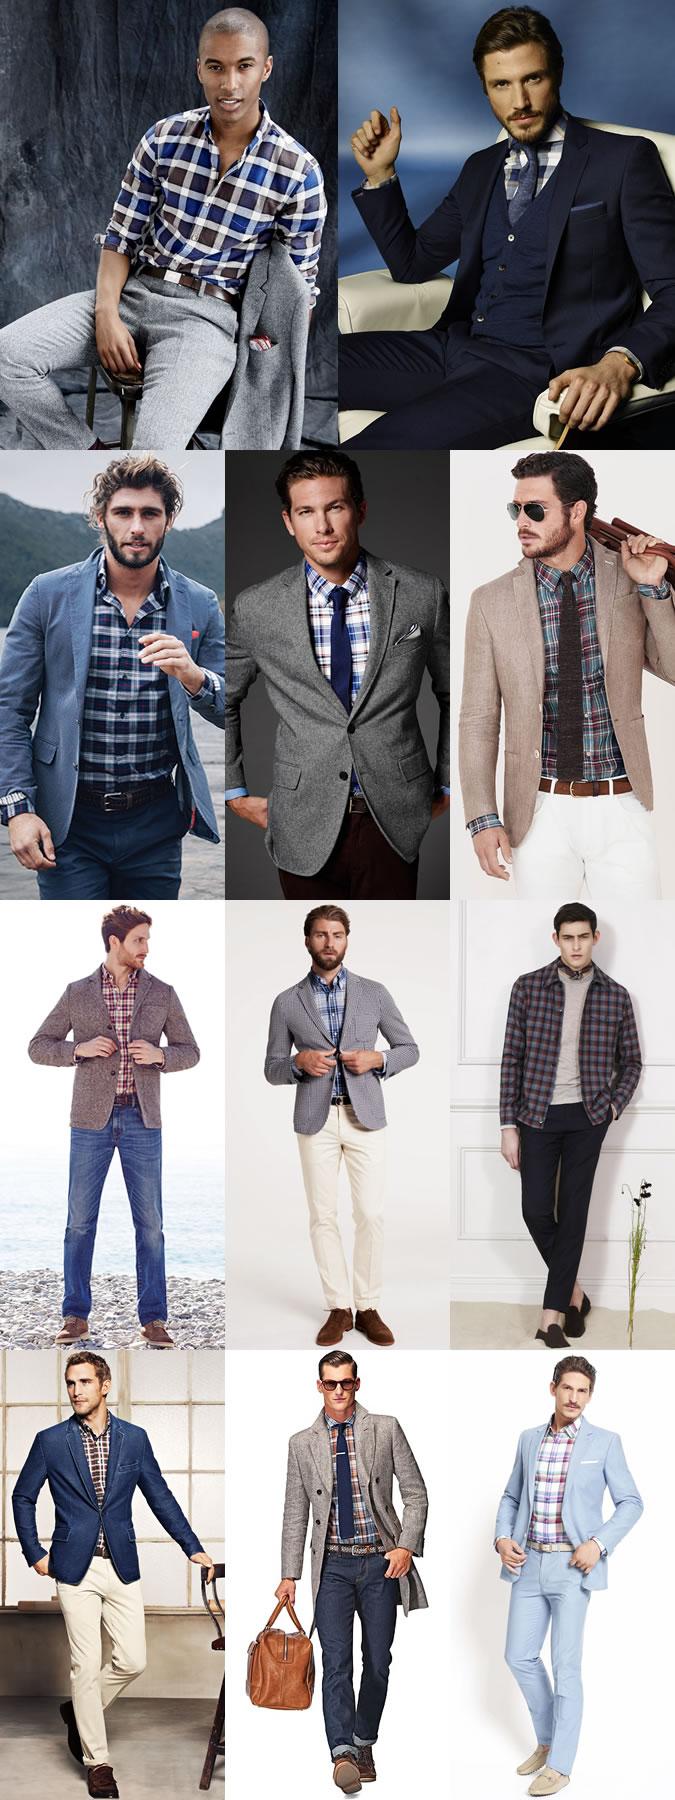 پیراهن مردانه با کت مردانه